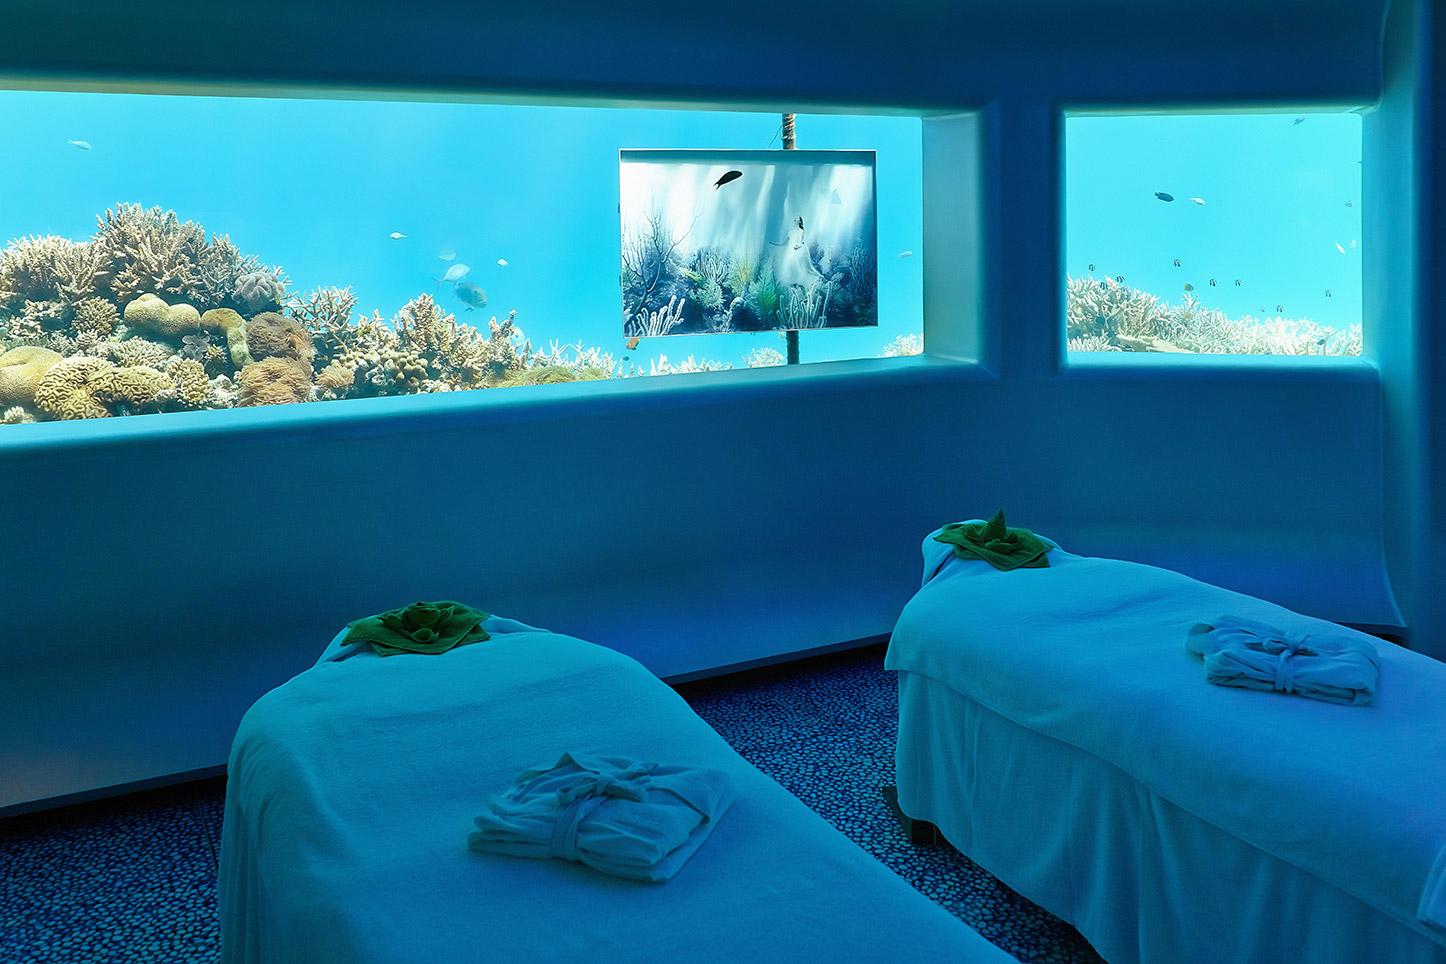 غرف فنادق مذهلة تحت الماء 23